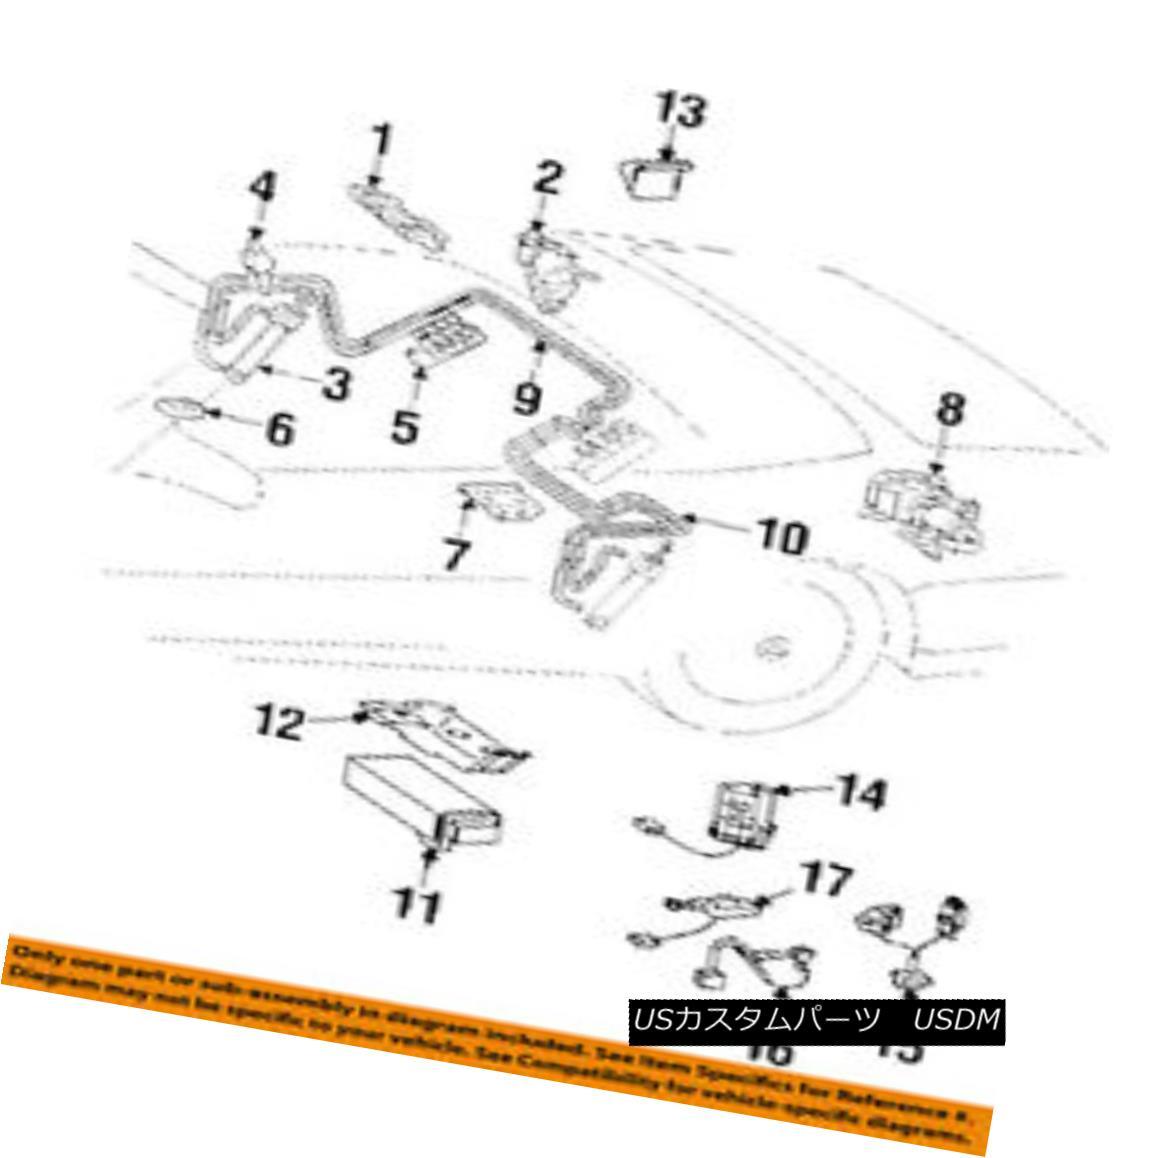 幌・ソフトトップ MERCEDES OEM 1994 SL600 Motor-Convertible/soft Top-Control Module 1298202426 MERCEDES OEM 1994 SL600モーター・コンバーチブル/ソフト・トップ・コントロール・モジュール1298202426